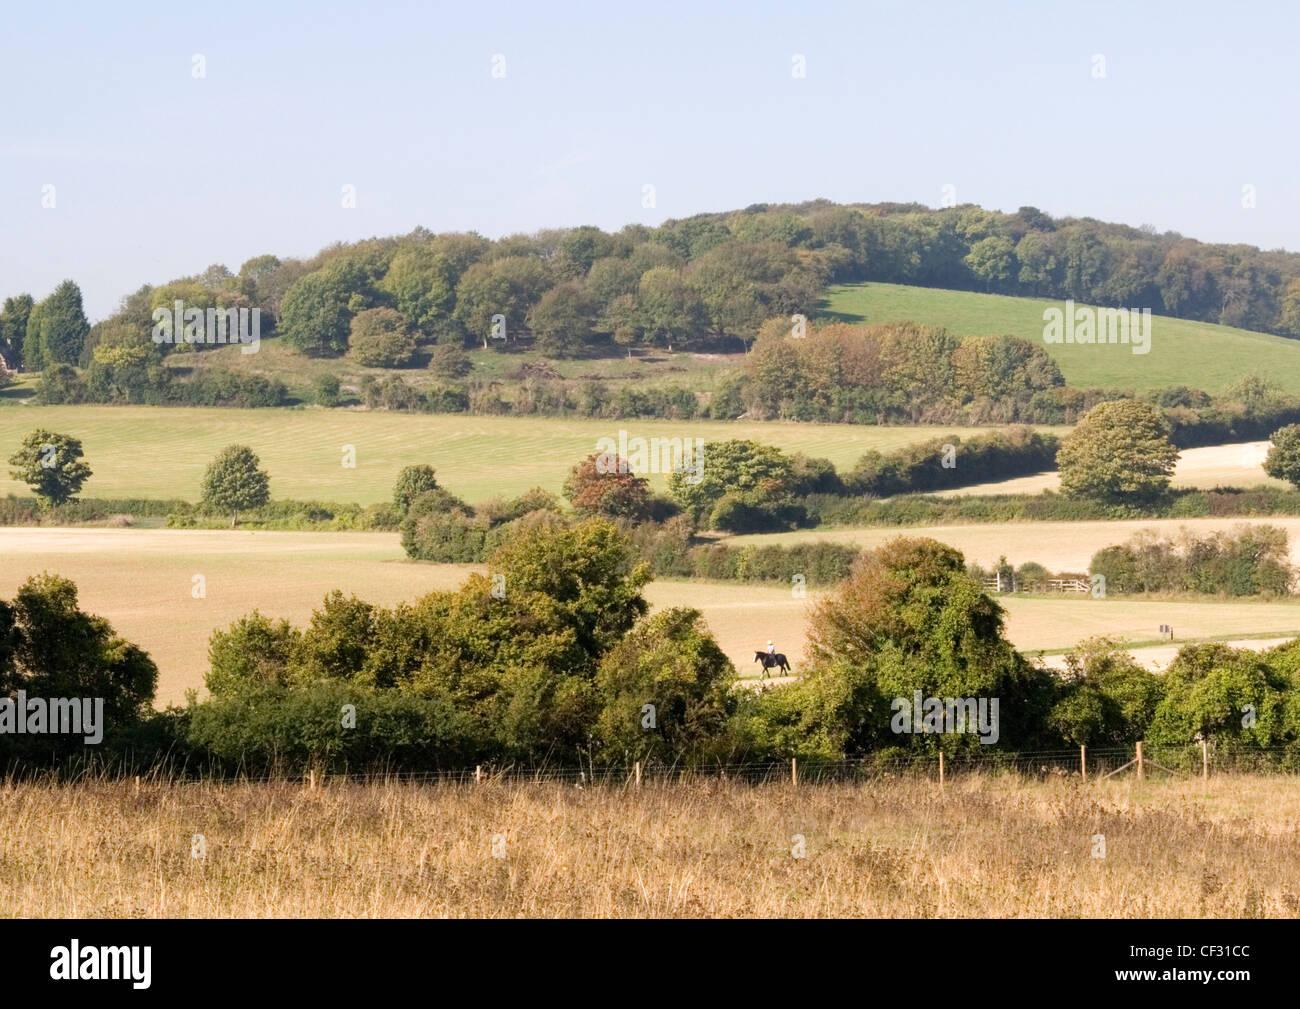 Colinas de Chiltern - nr Bledlow Ridge - boscosas laderas - hedgerows - prados - jinete enmarcado por árboles Imagen De Stock